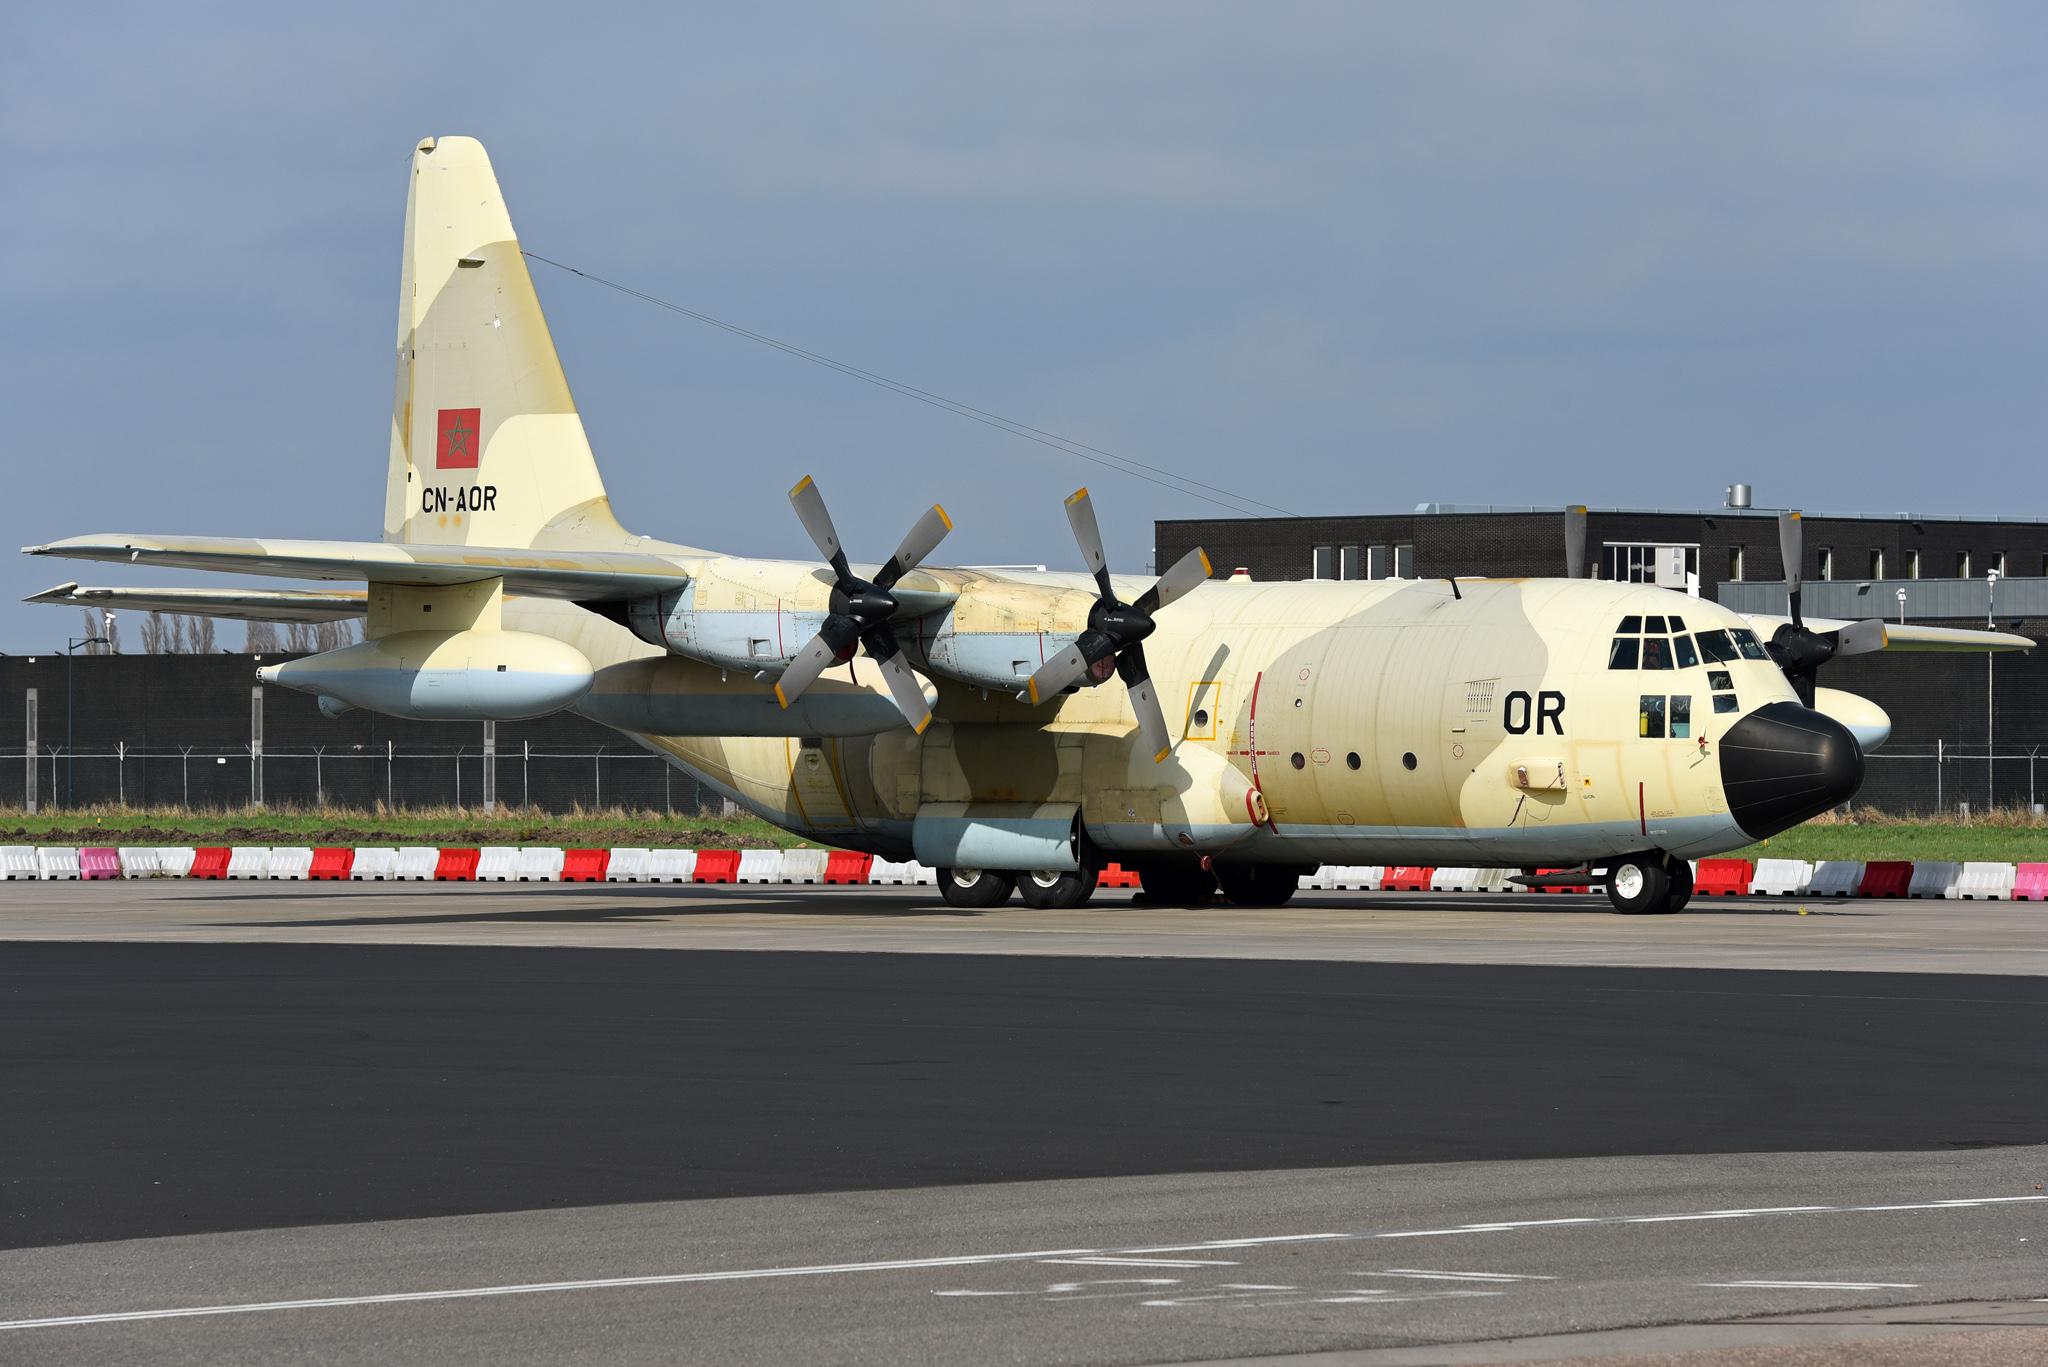 FRA: Photos d'avions de transport - Page 27 25449110923_ef4a9e30d8_o